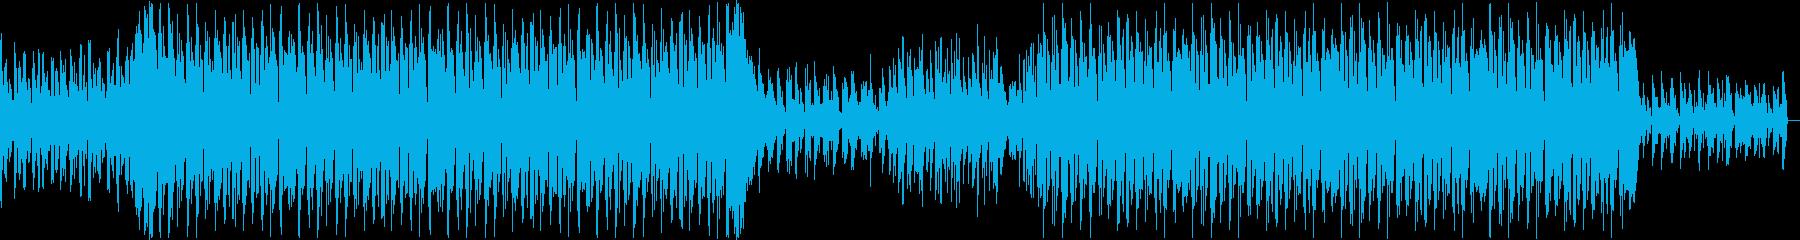 淡々とした冷たい印象のテクノ・ハウス楽曲の再生済みの波形